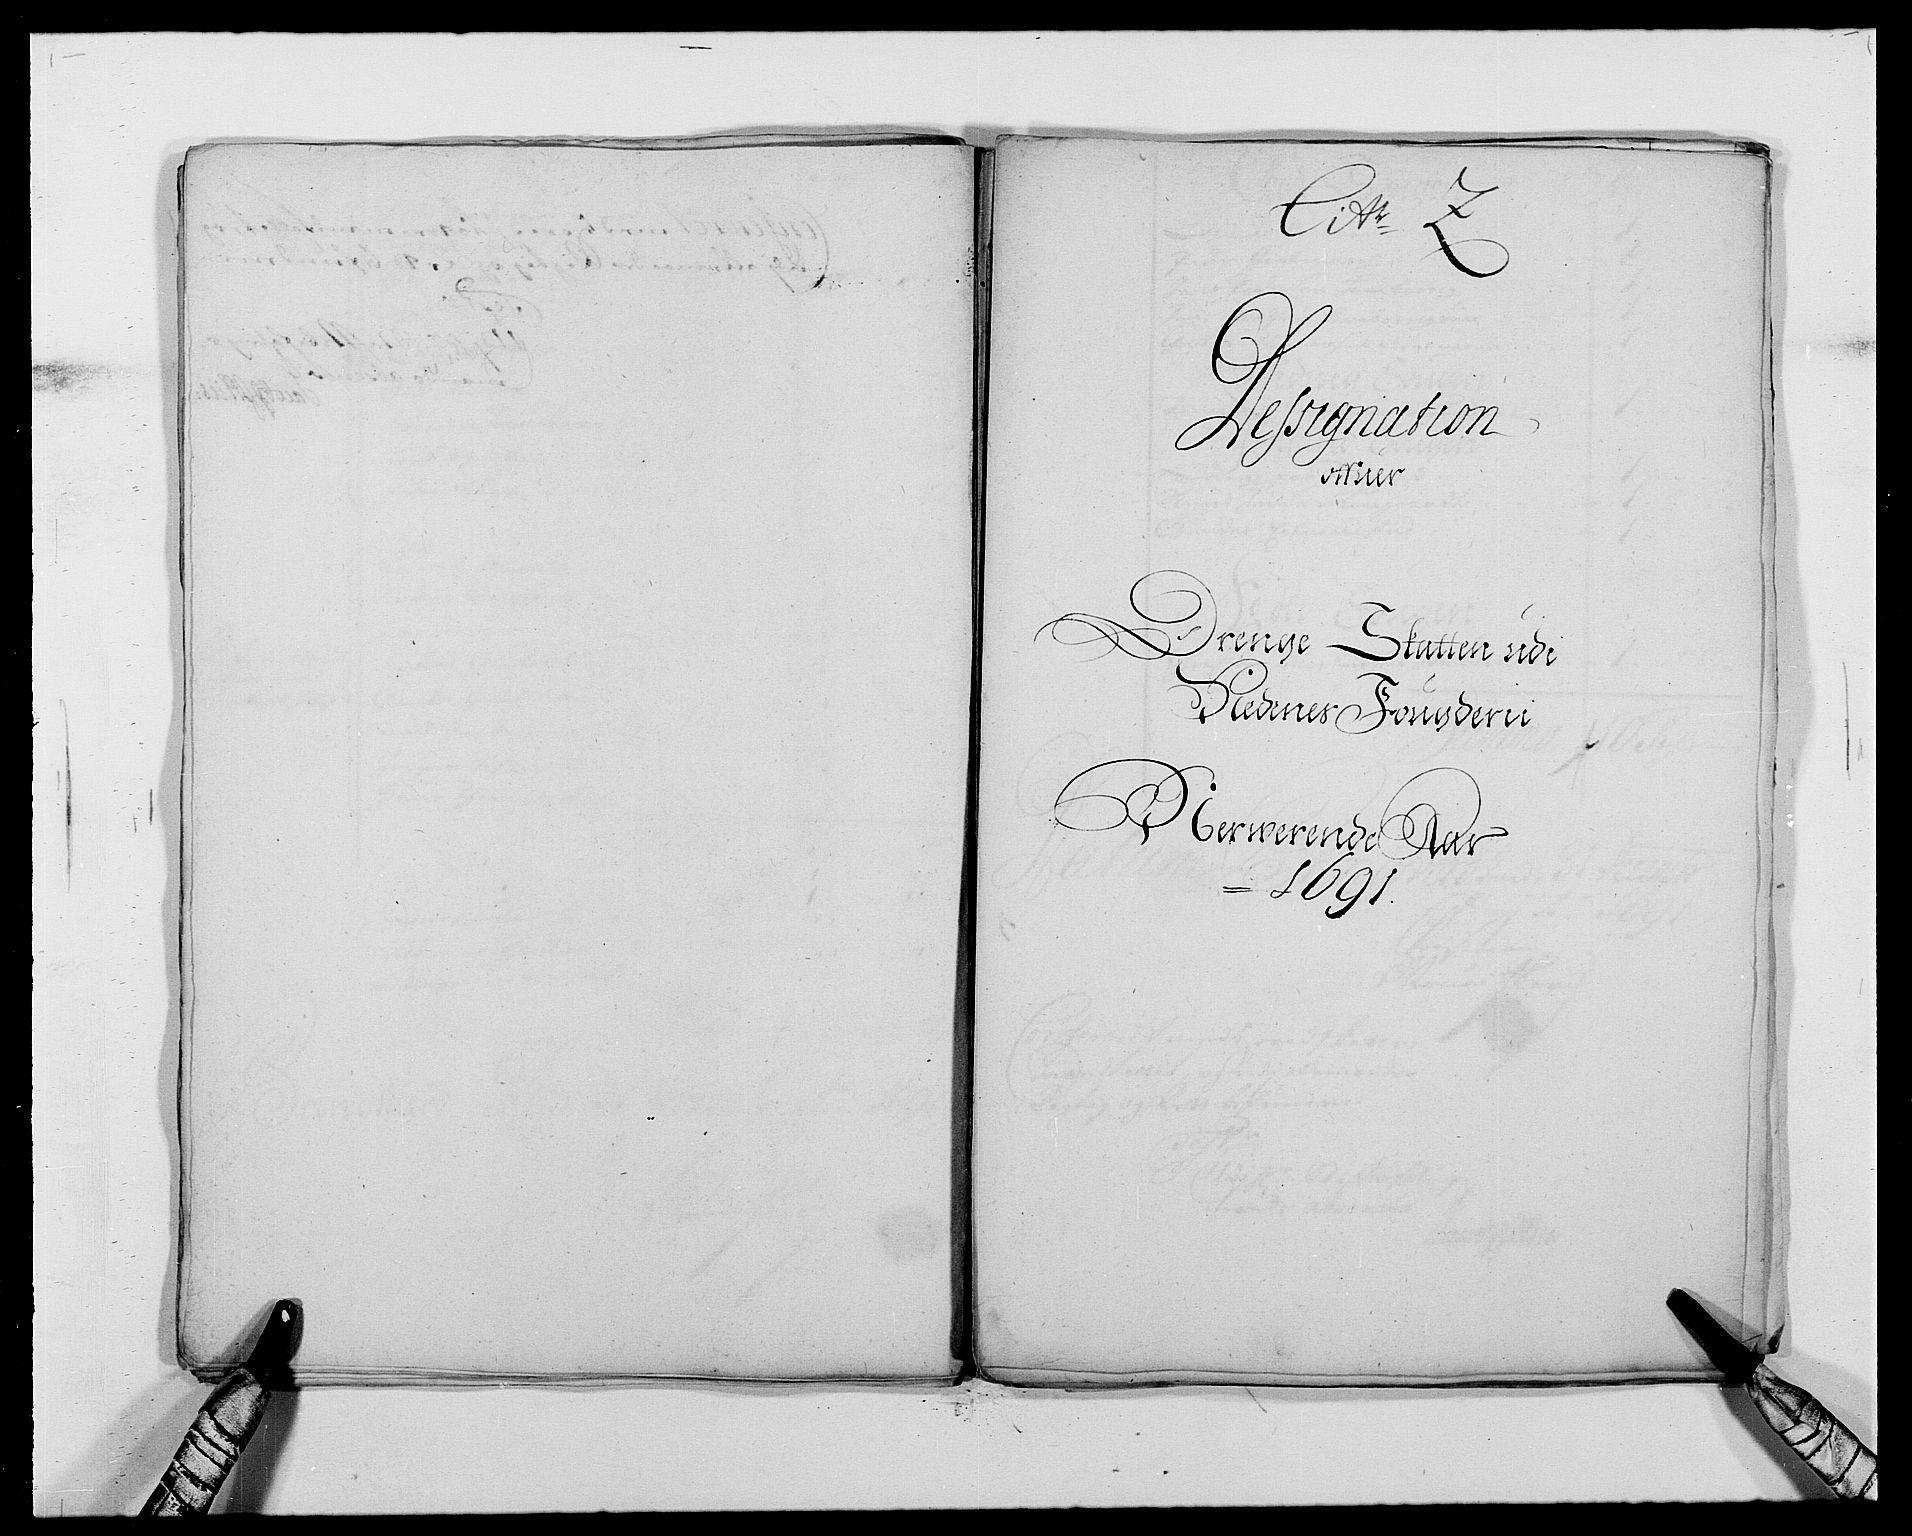 RA, Rentekammeret inntil 1814, Reviderte regnskaper, Fogderegnskap, R39/L2311: Fogderegnskap Nedenes, 1690-1692, s. 99